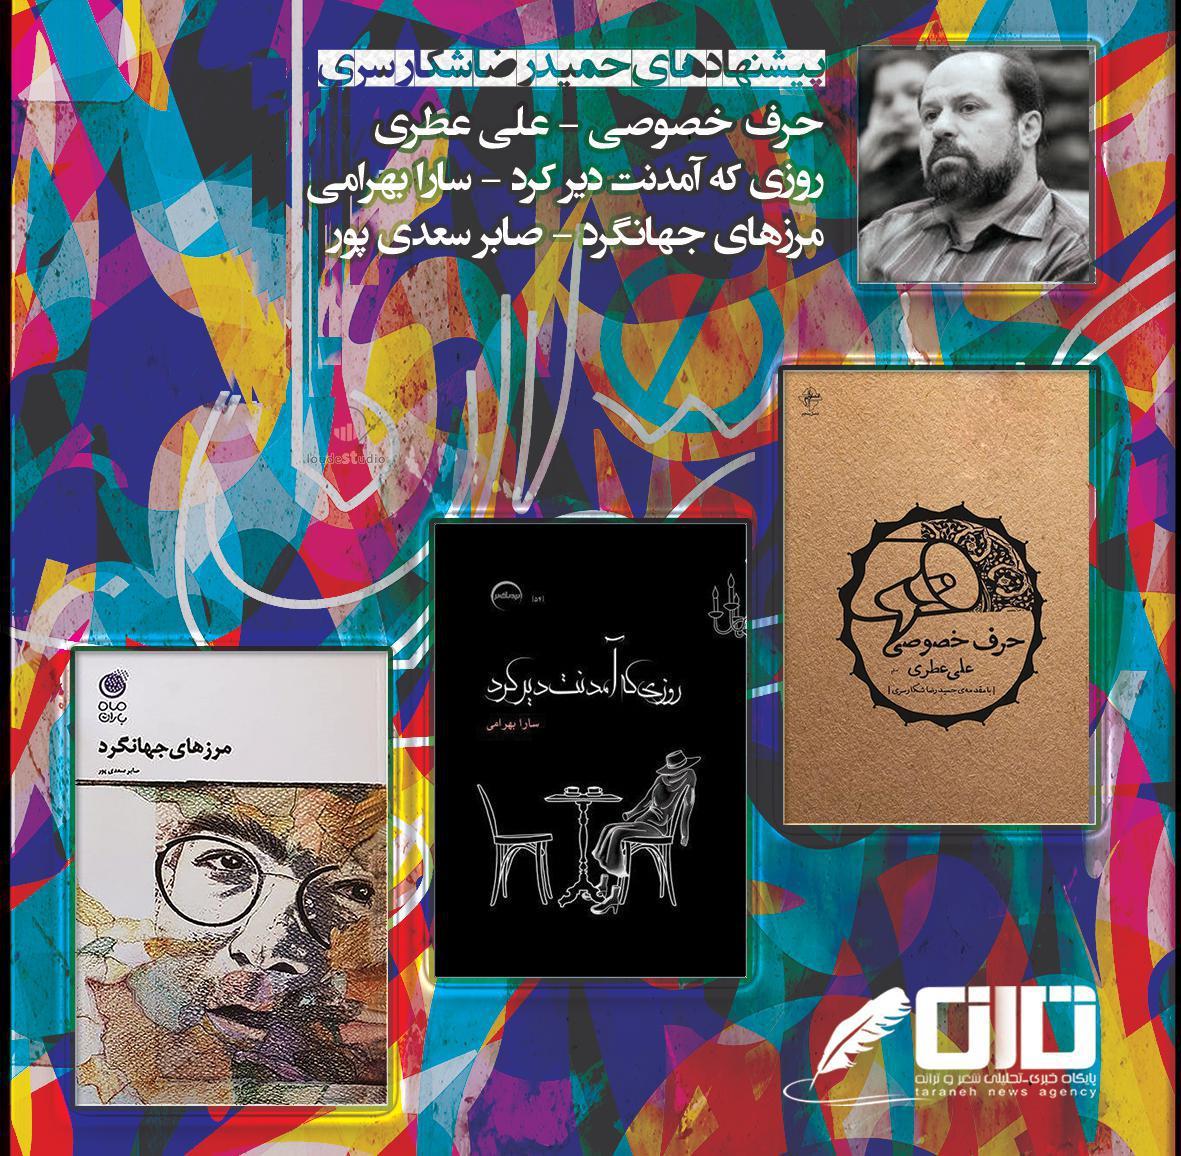 معروفی کانال در تلگرام خواندگان قدیمی پوستر کتابهای پیشنهادی شاعران استقبال نمایشگاه بین المللی ...